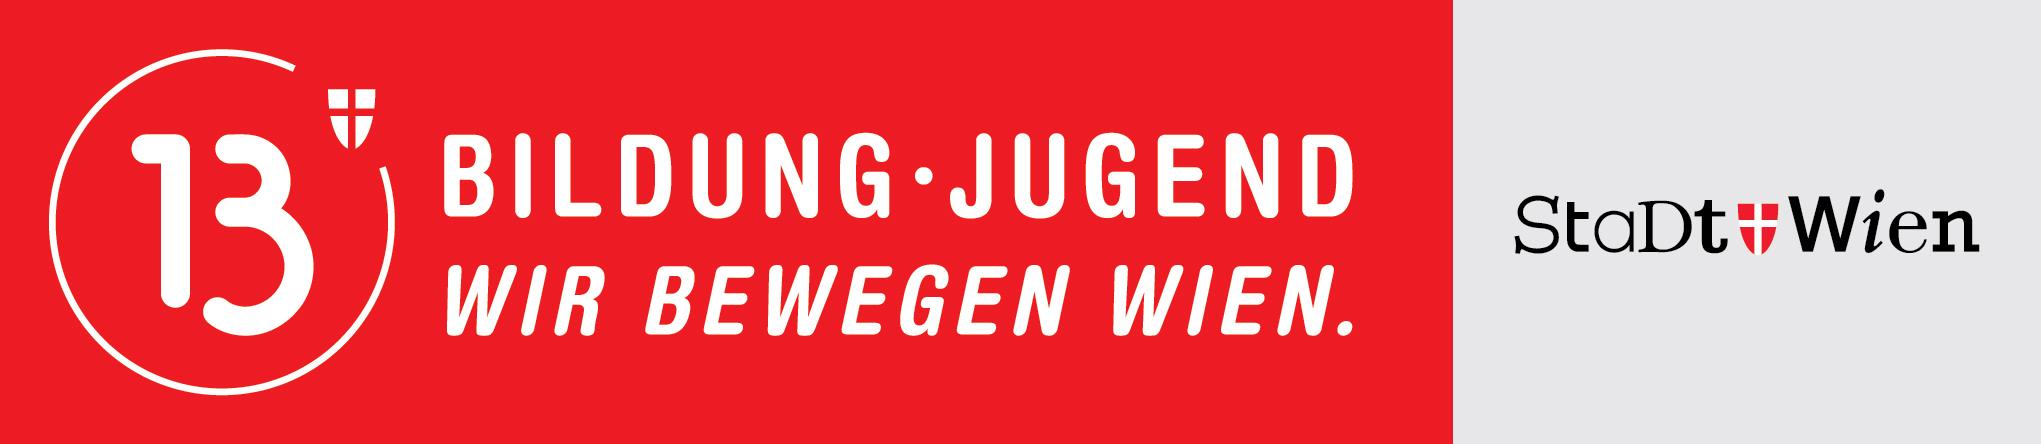 Magistrat der Stadt Wien: Magistratsabteilung 13 - Bildung und außerschulische Jugendbetreuung